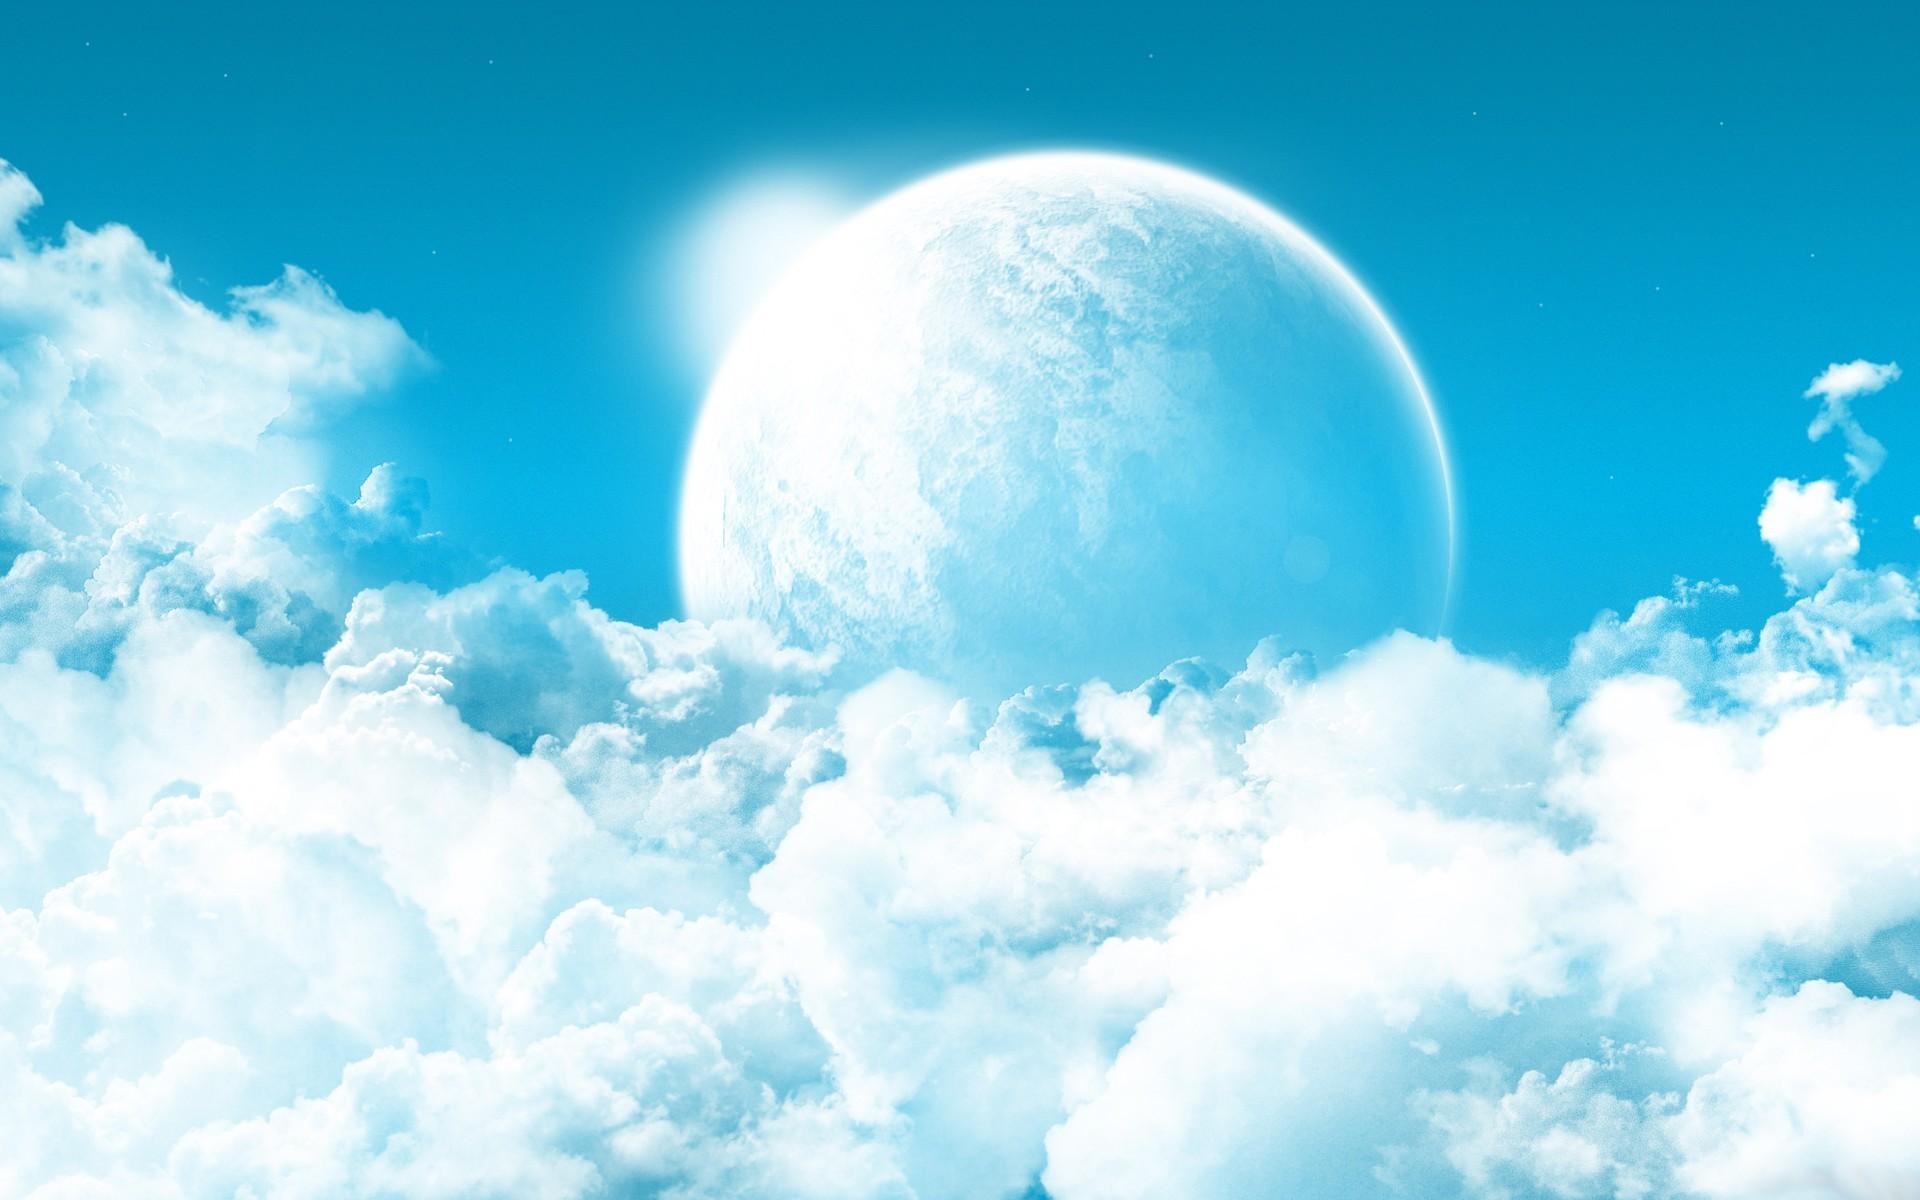 Planet in the cloudy sky Fantasy HD desktop wallpaper, Planet wallpaper, Sky  wallpaper, Cloud wallpaper – Fantasy no.